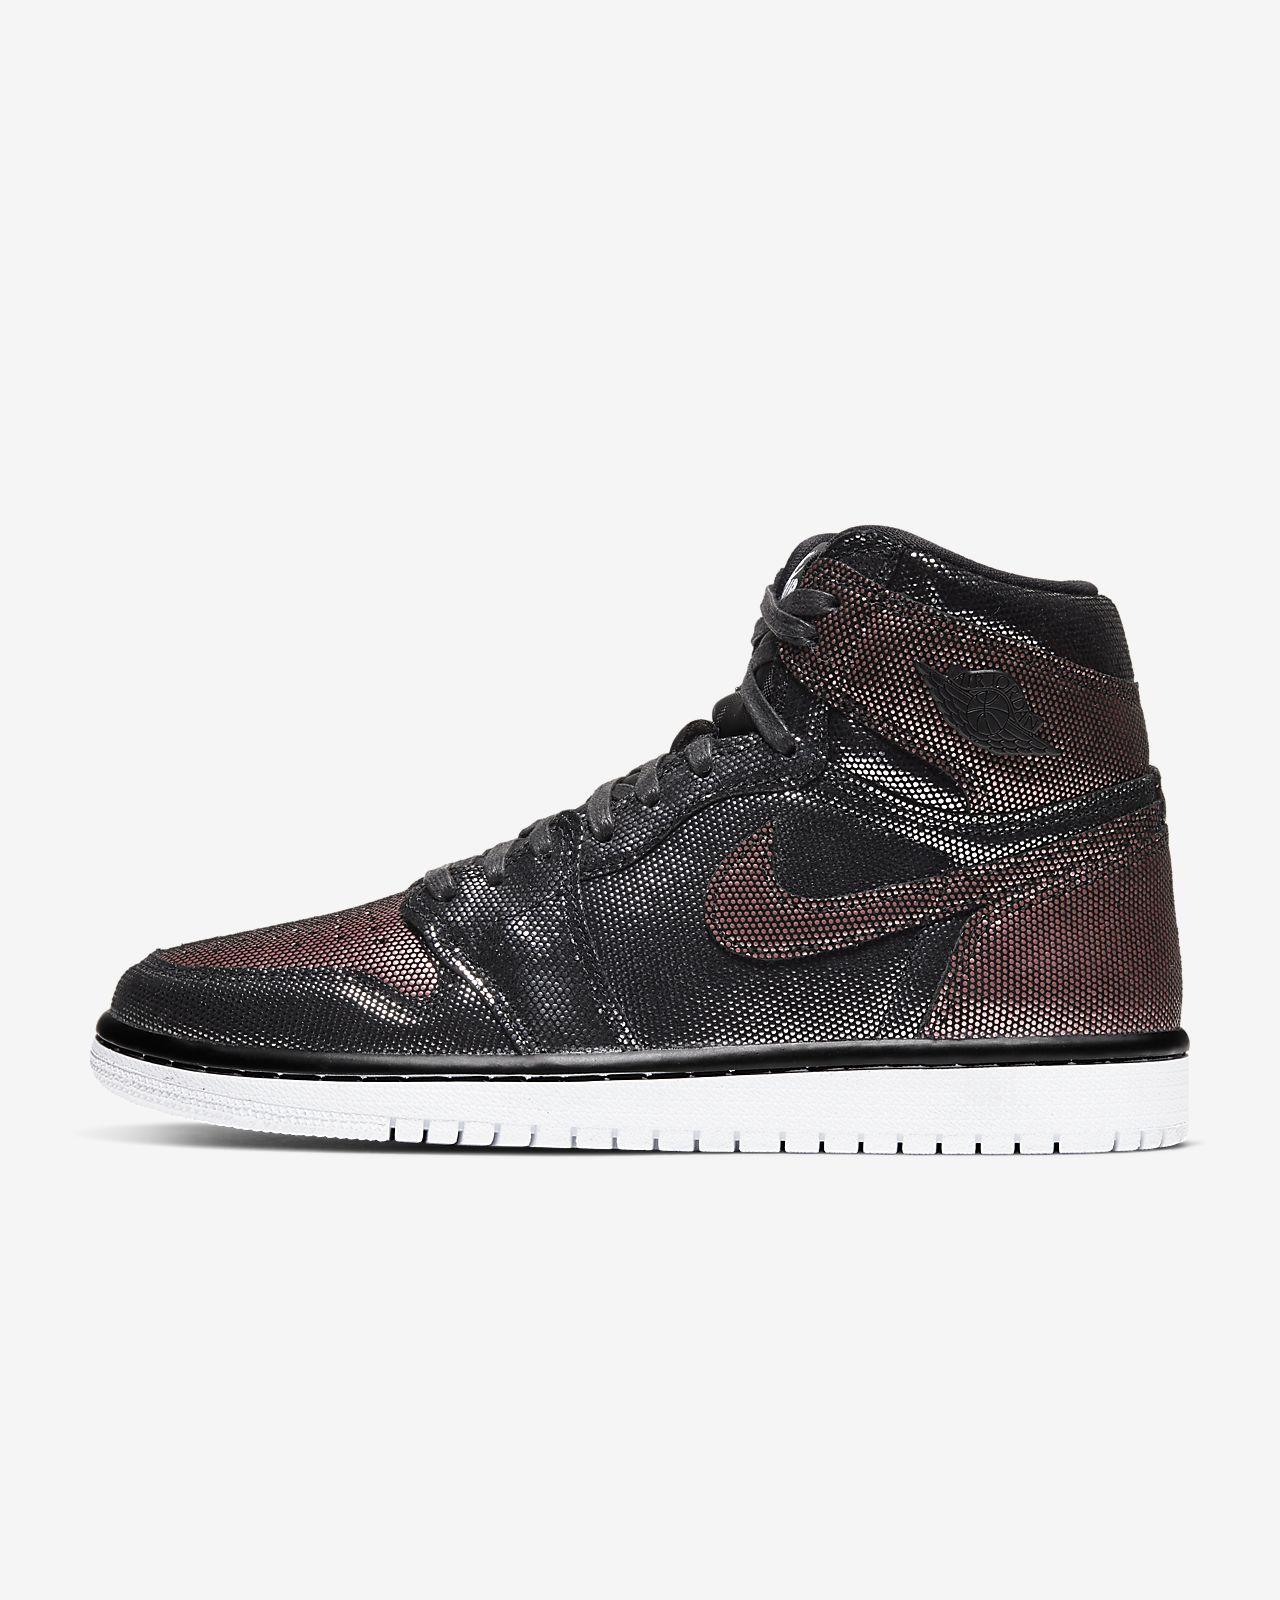 Air Jordan 1 Hi OG Fearless Kadın Ayakkabısı